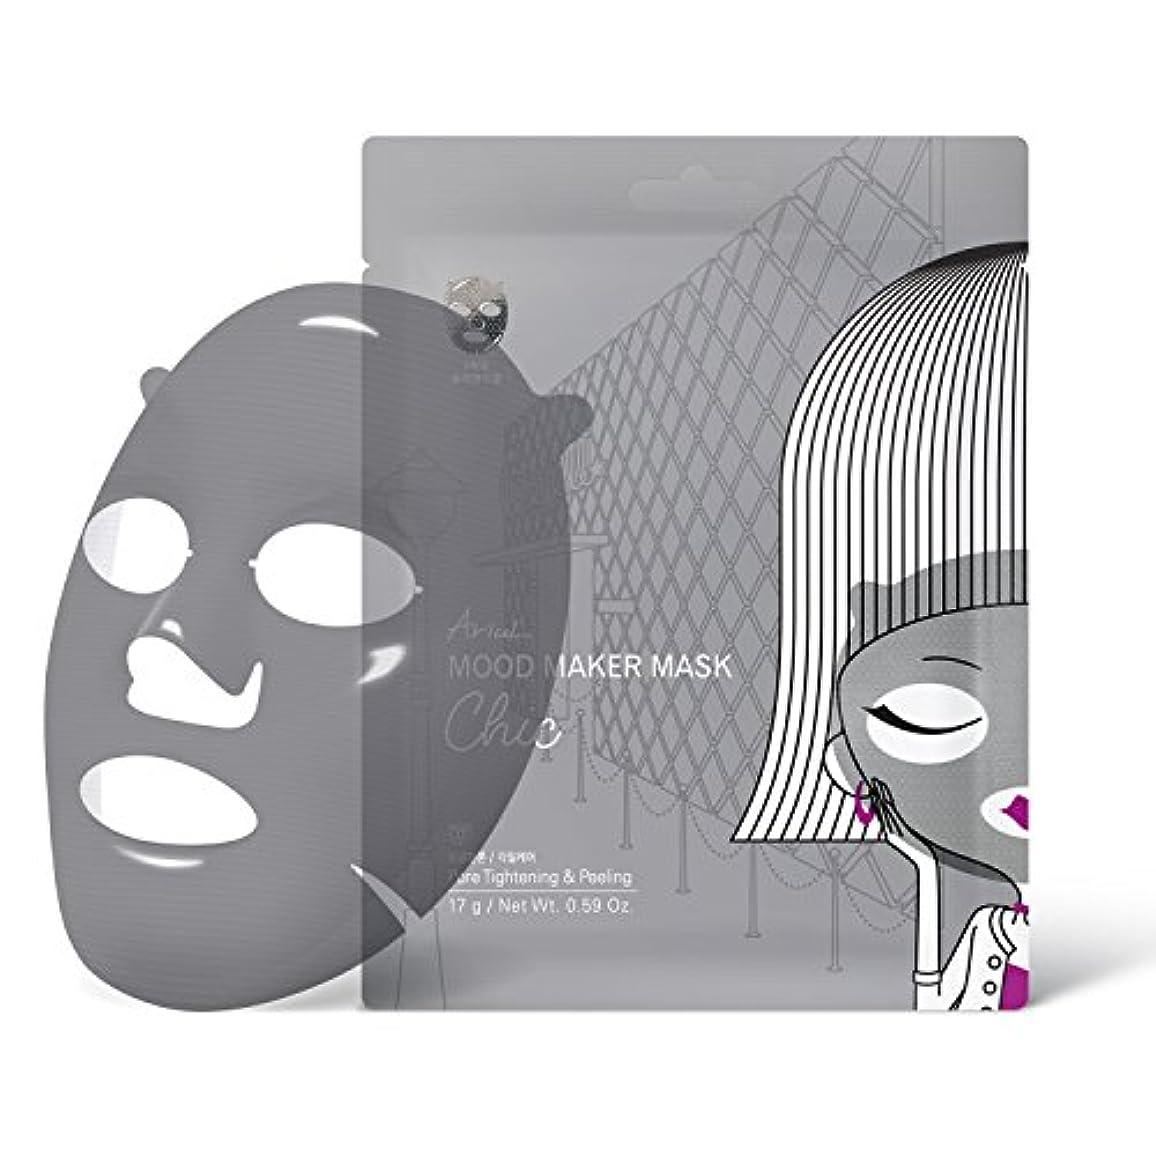 アグネスグレイ突き出す膿瘍アリウル ムードメーカーマスク シック 1枚入り